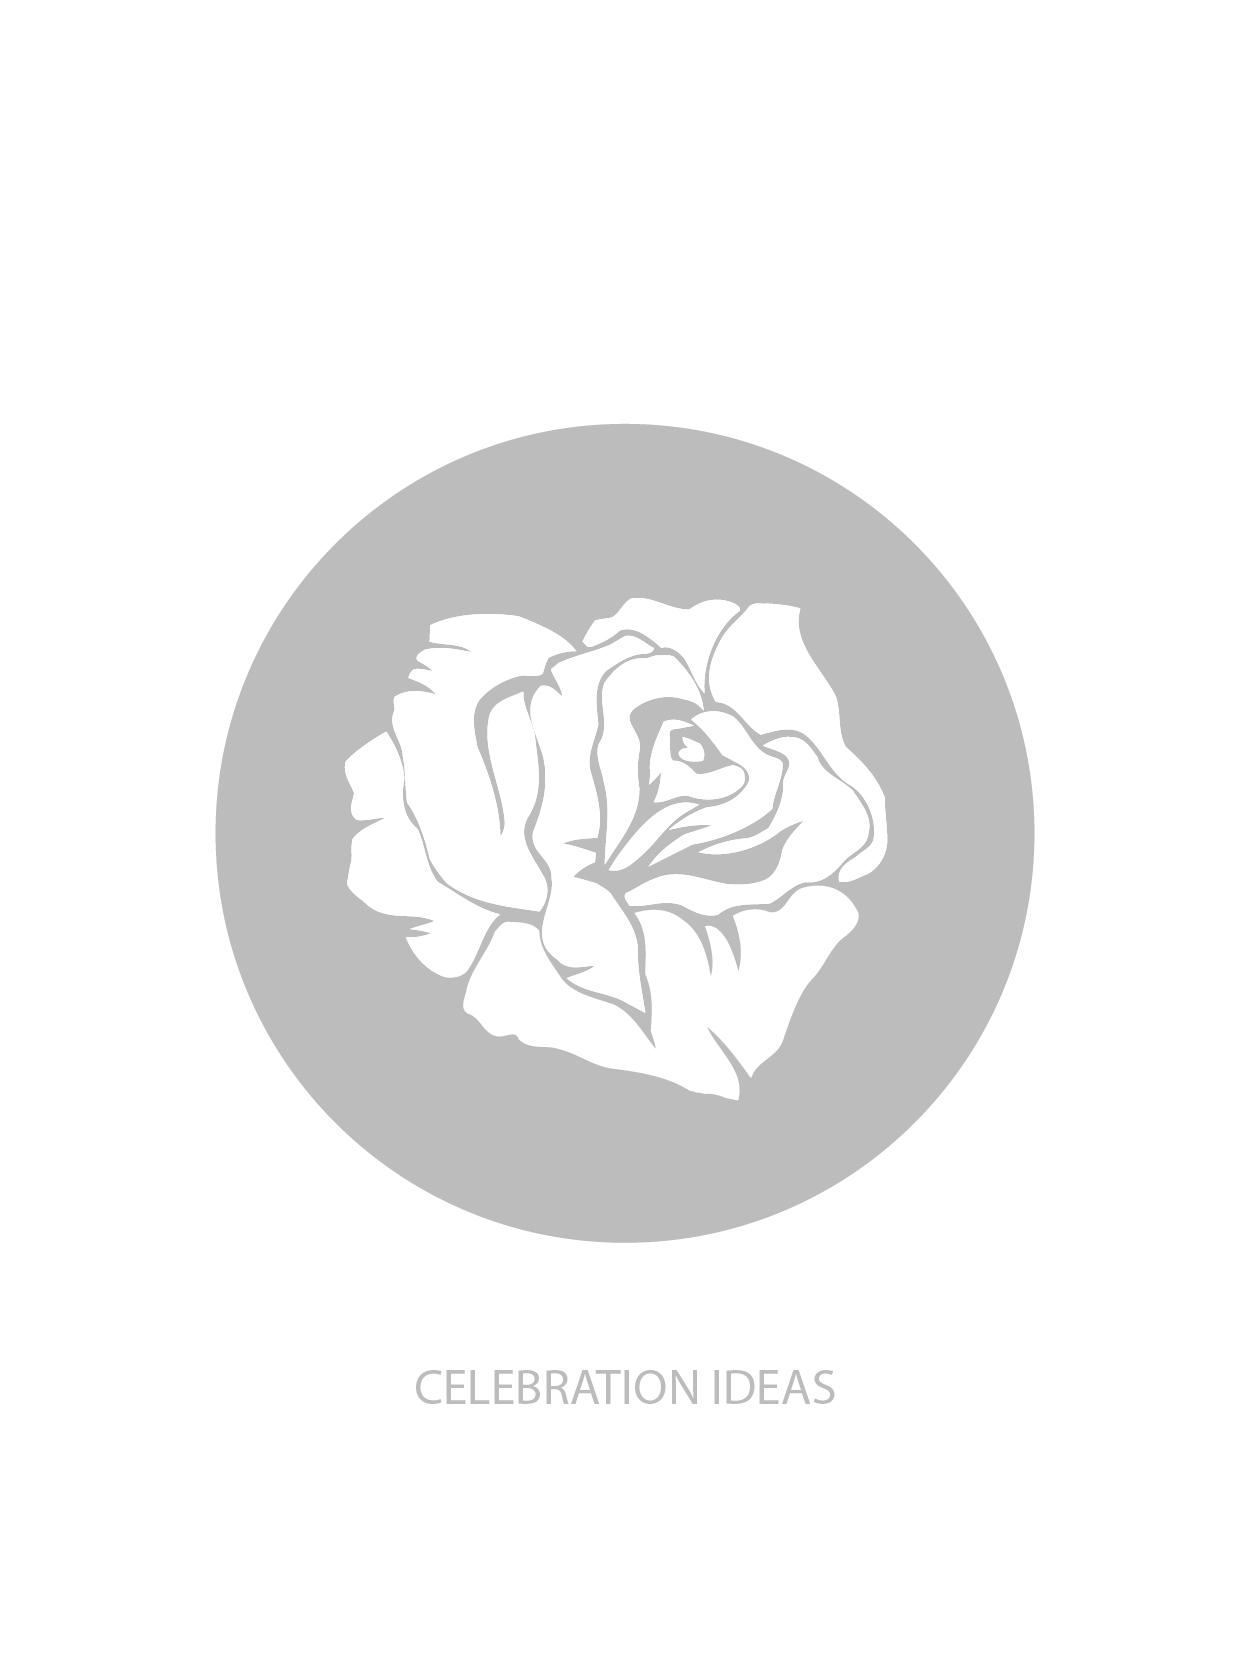 IDEAS-04-04